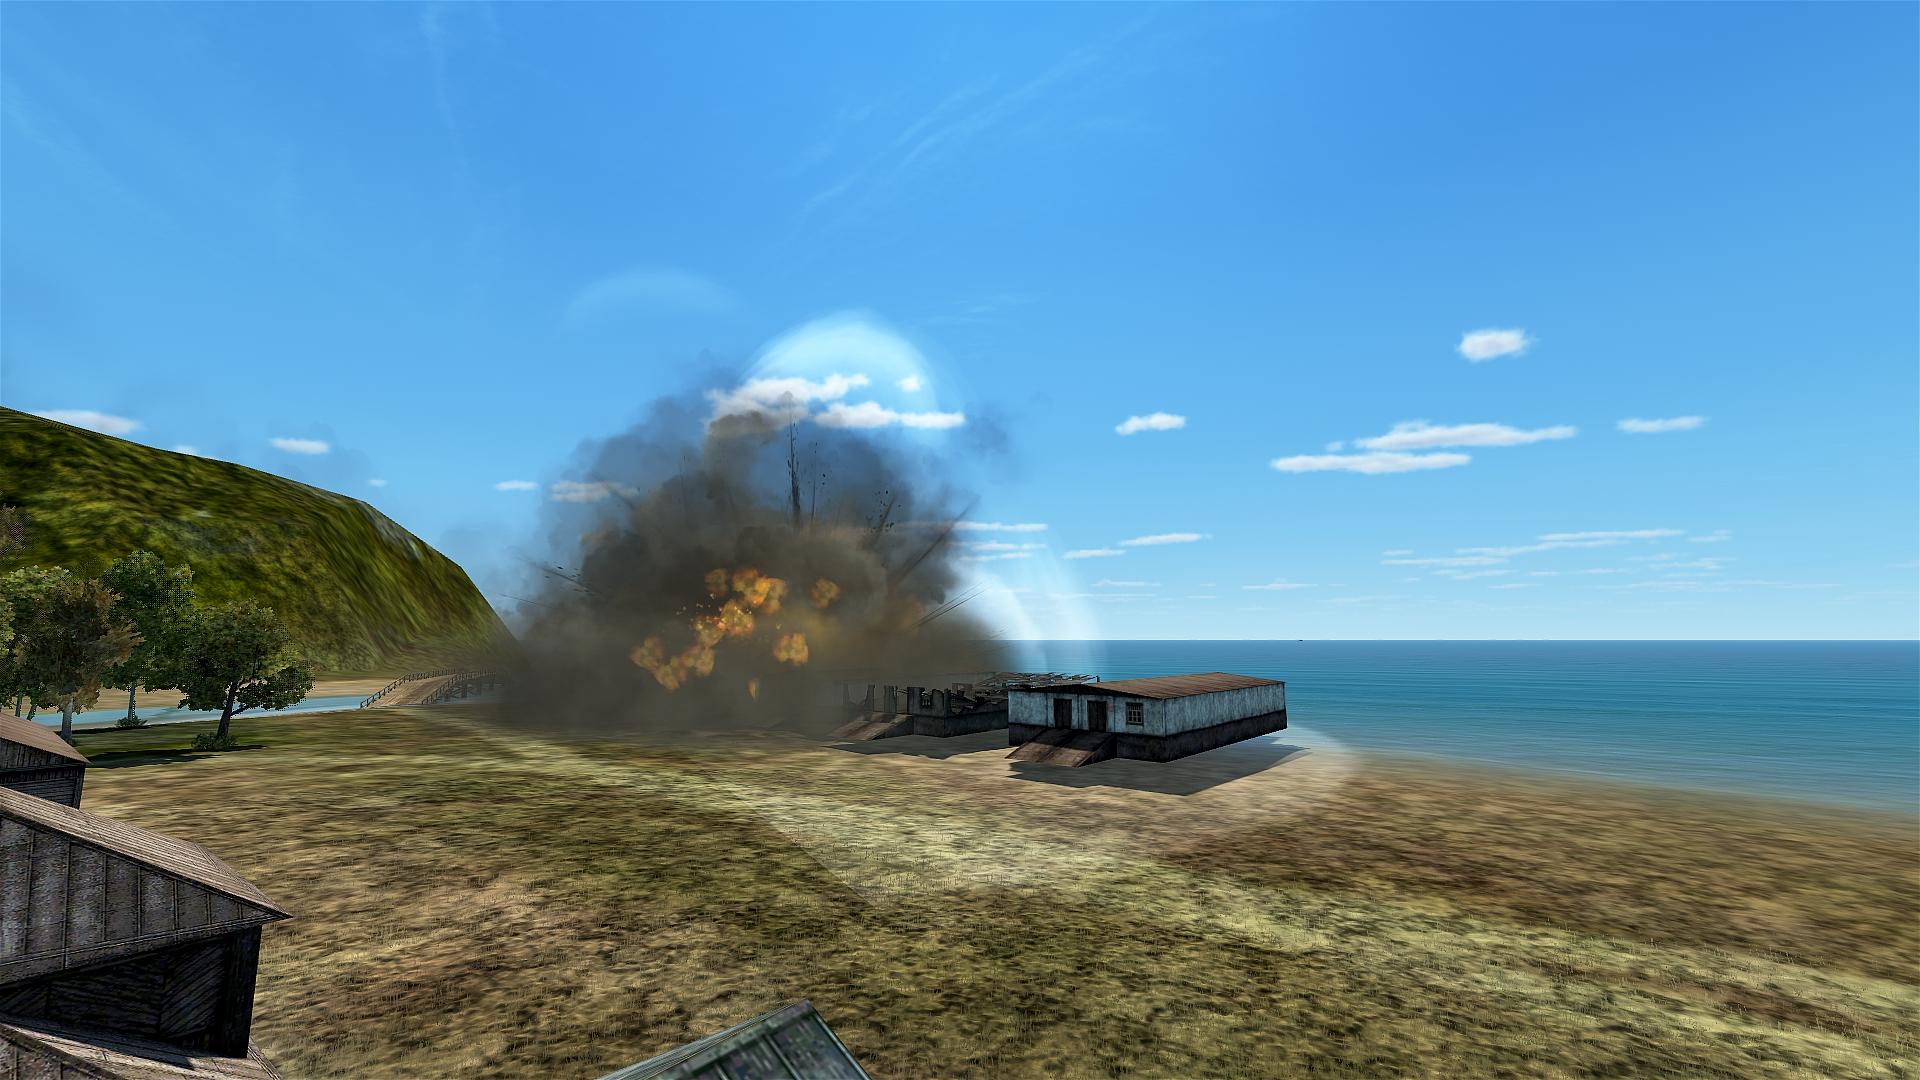 Un ptit CR en image de  la sortie de vendredi sur les Fnbf avec les NN en bomber ! 41600479151_51e003d3ba_o